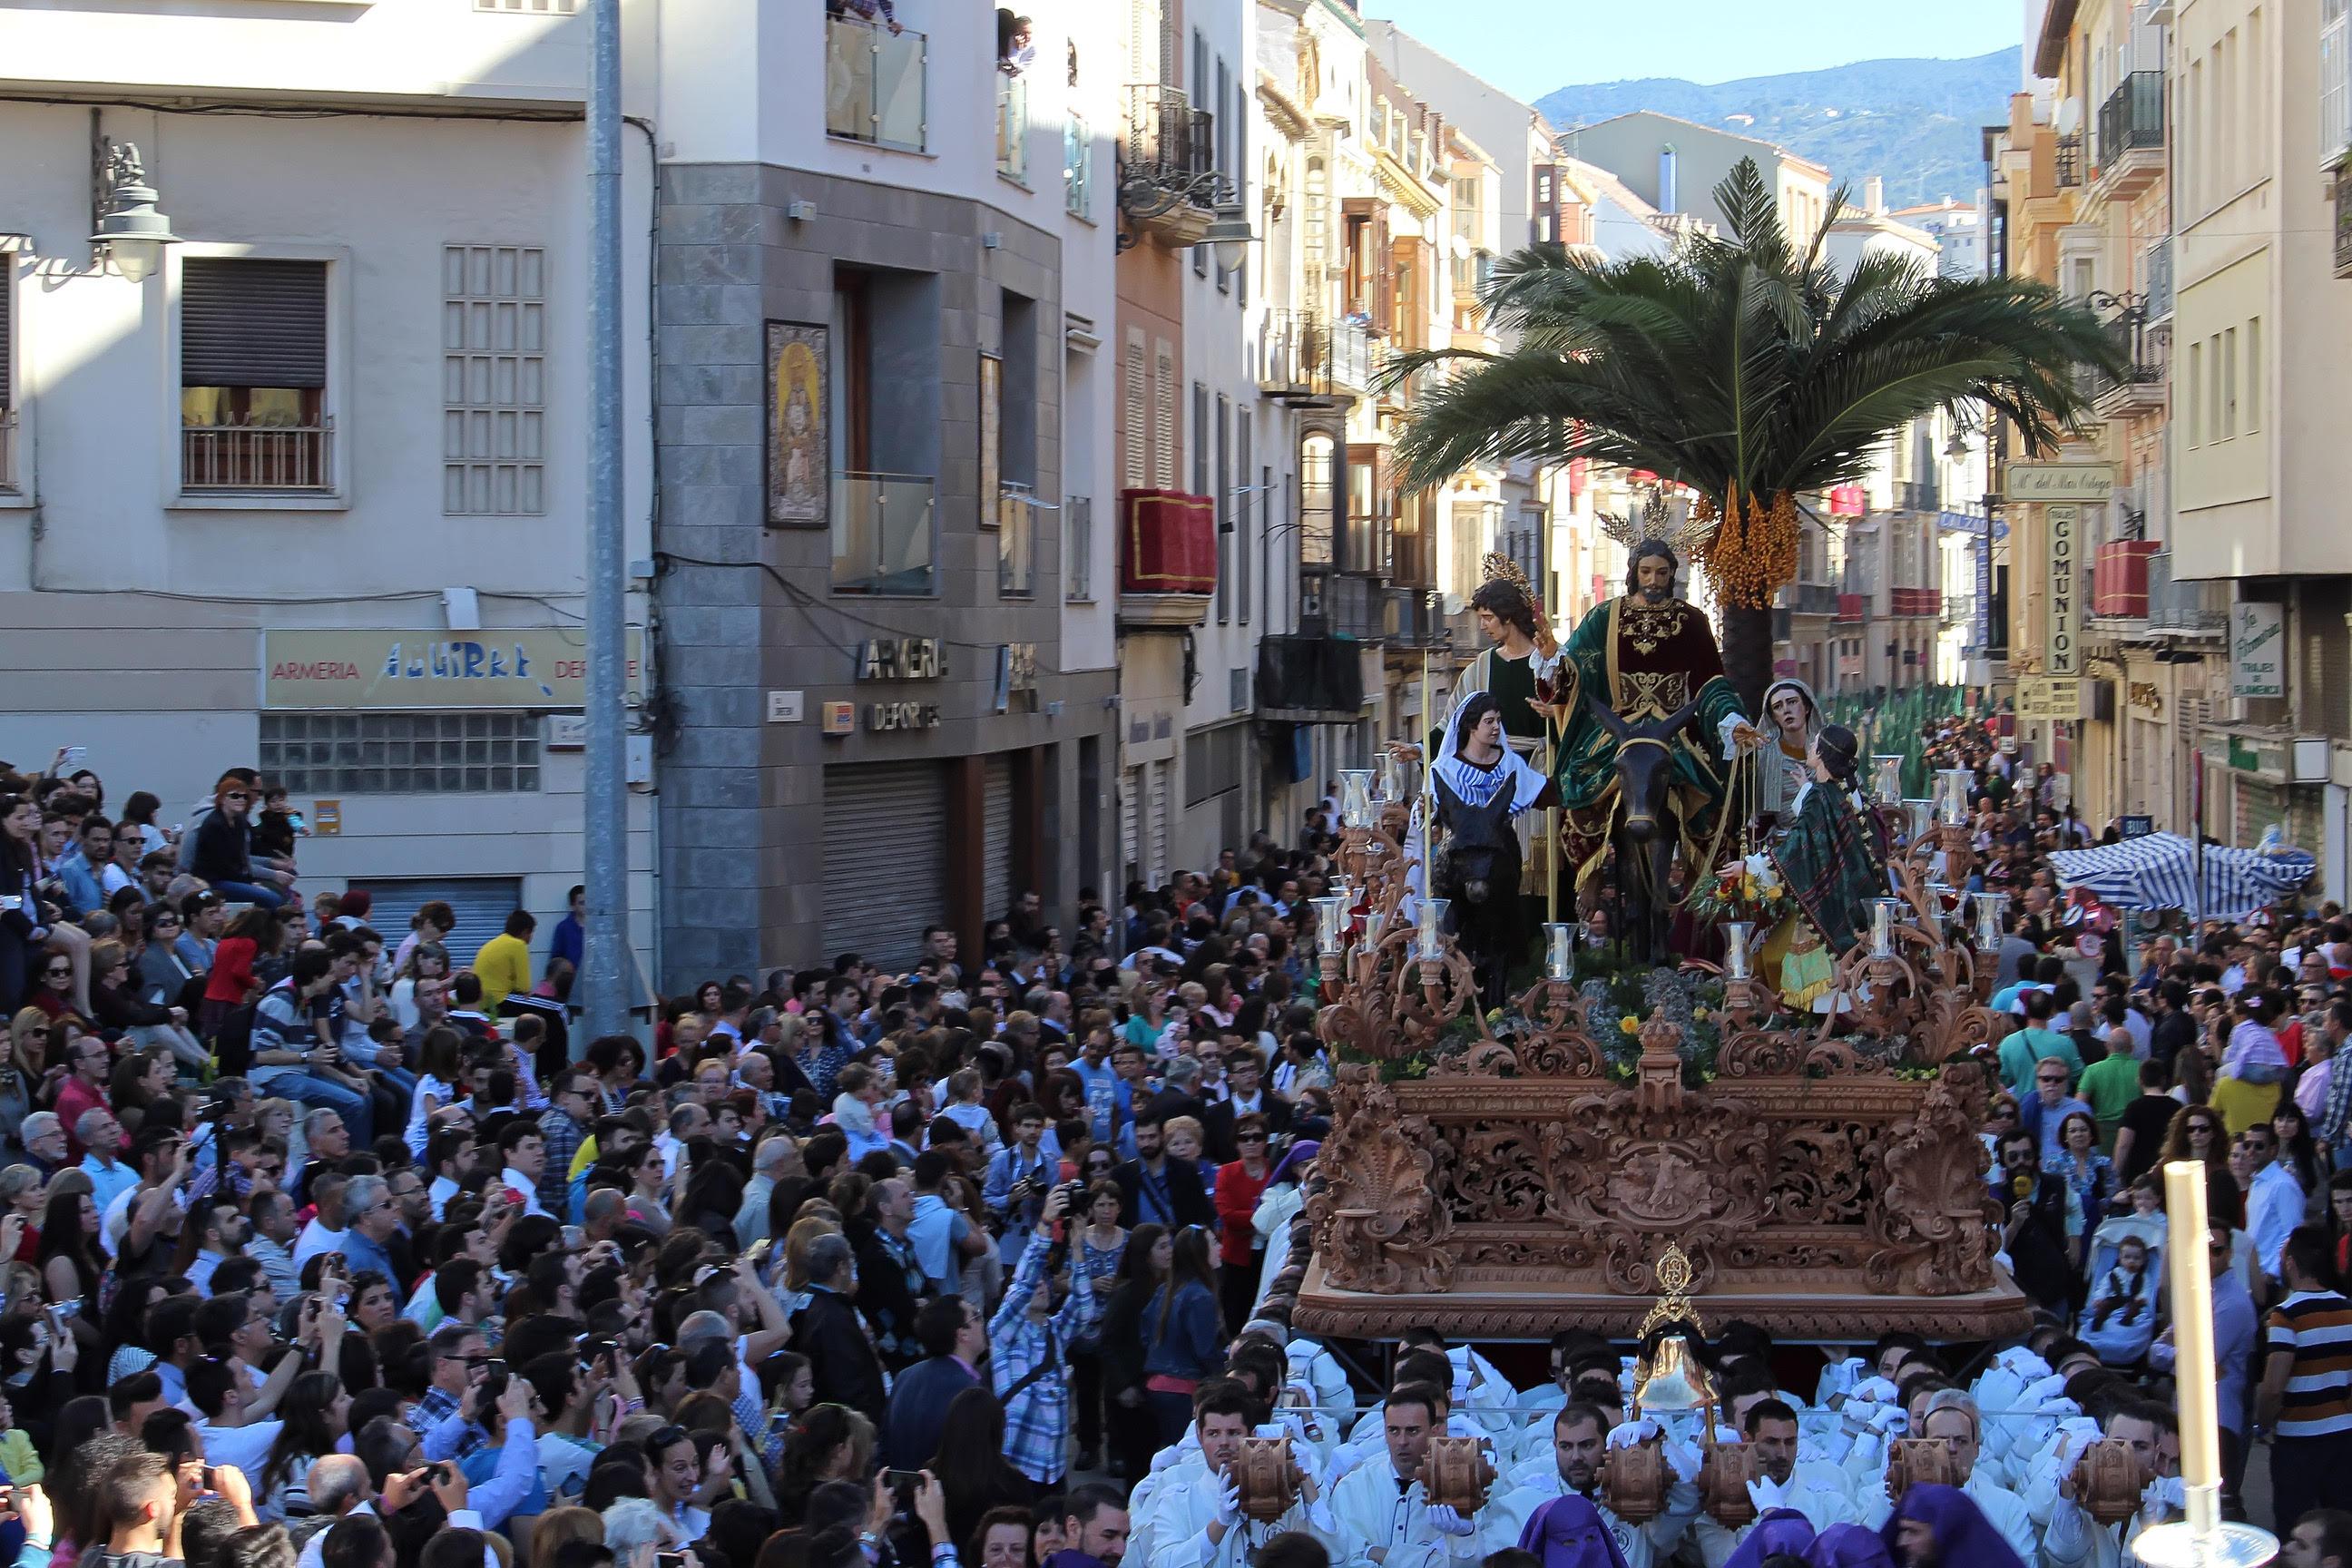 Pollinica - Holy Week in Málaga